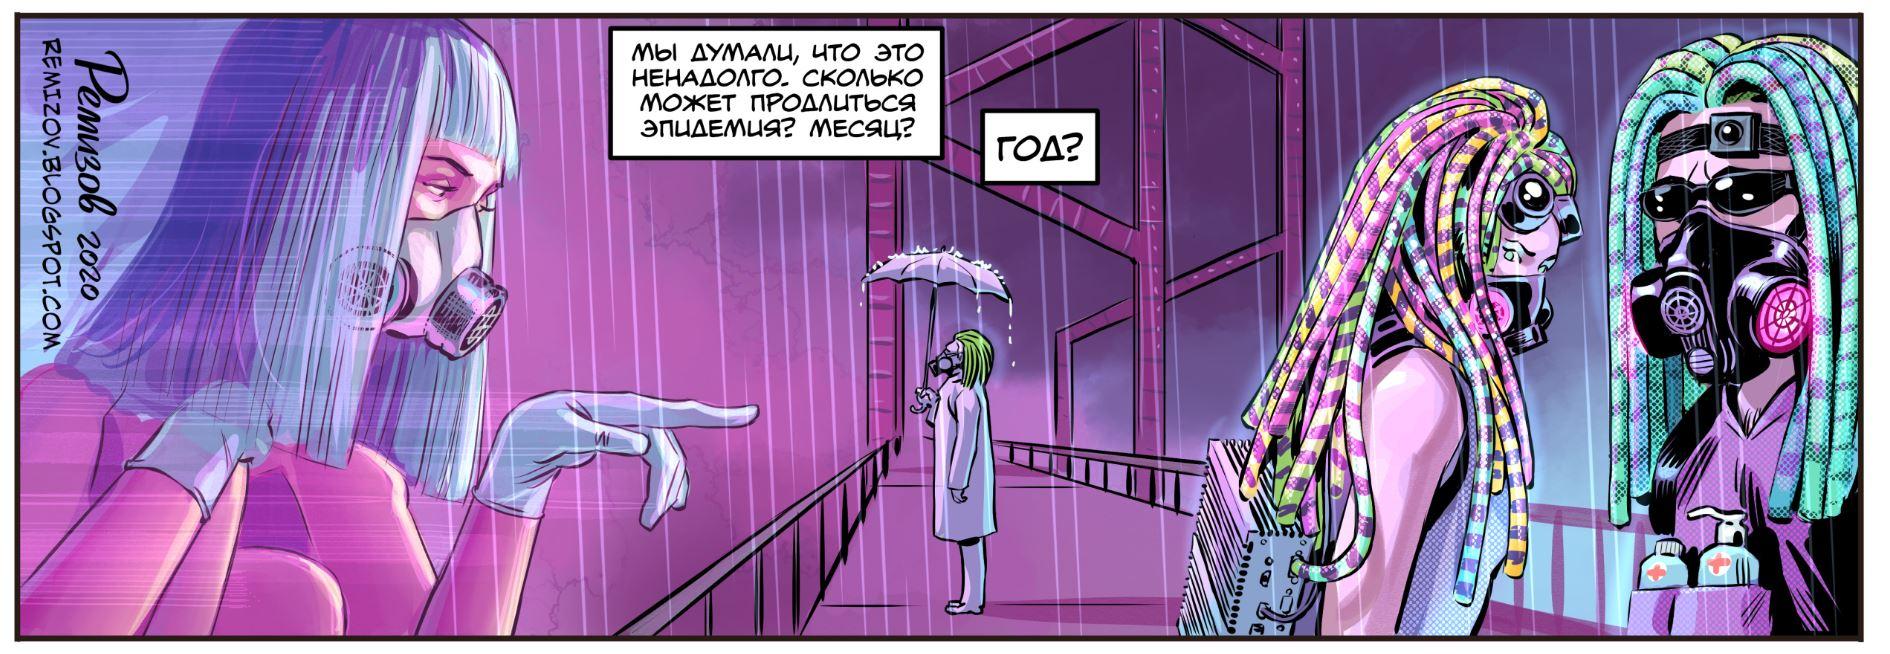 Комикс: эволюция 2